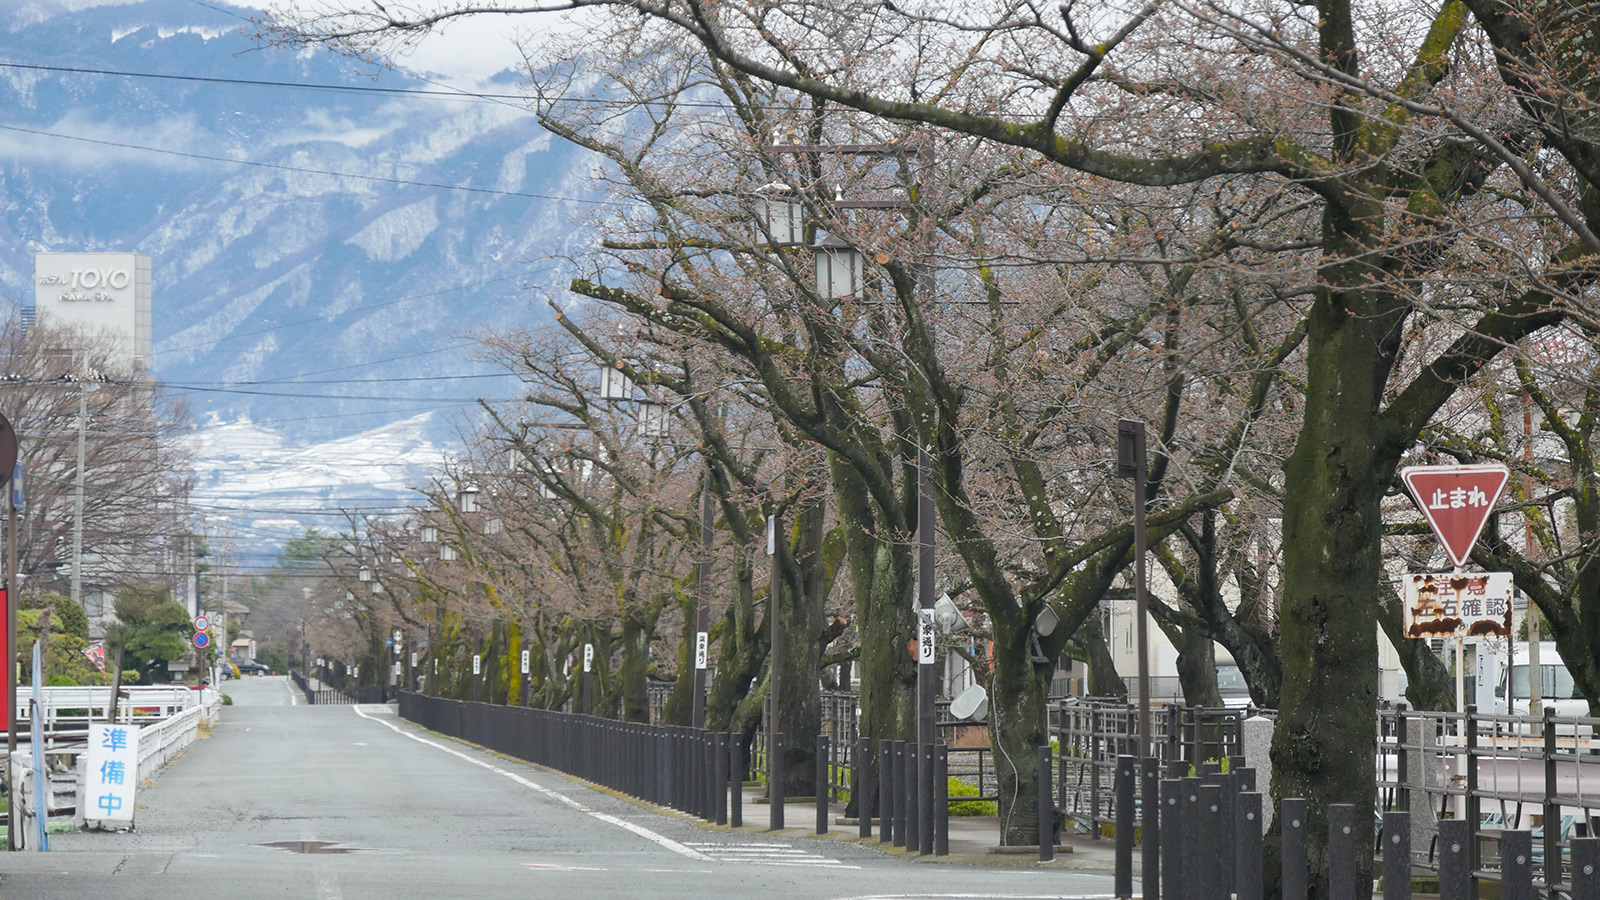 笛吹市内も中山間エリアでは昨日の雪で真っ白ですね